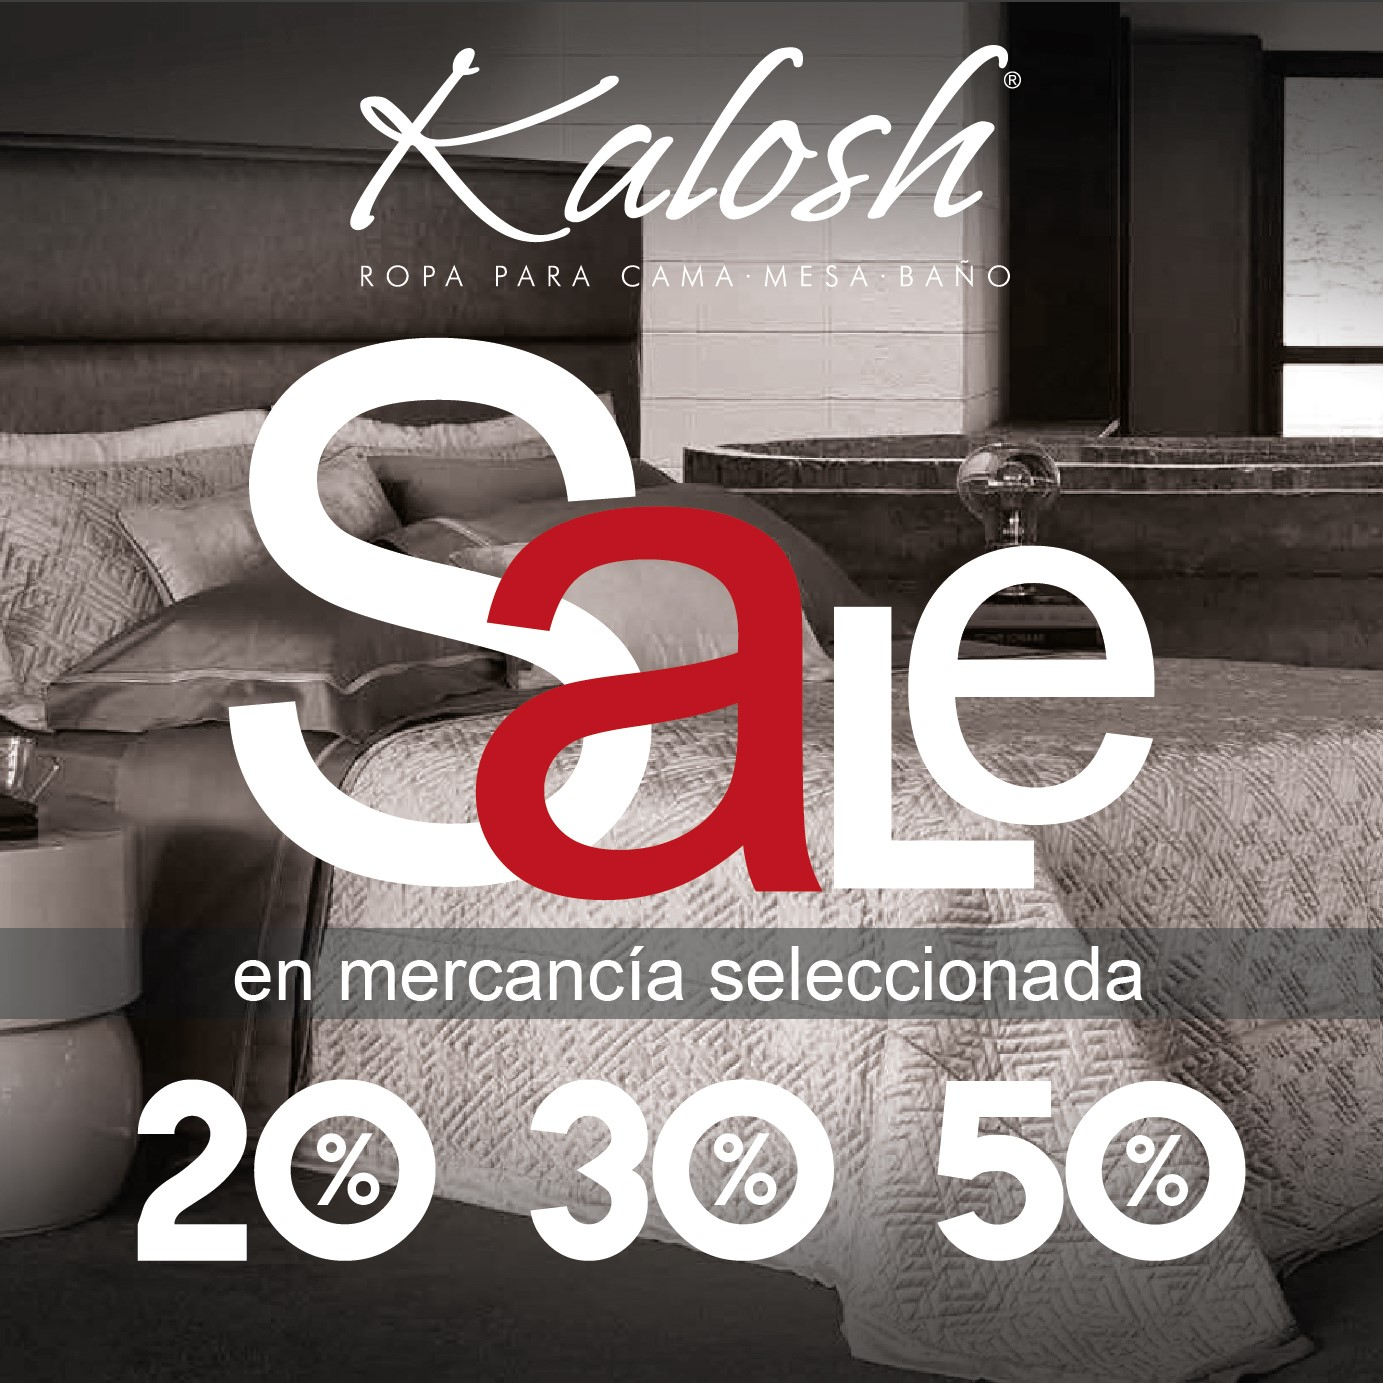 Kalosh